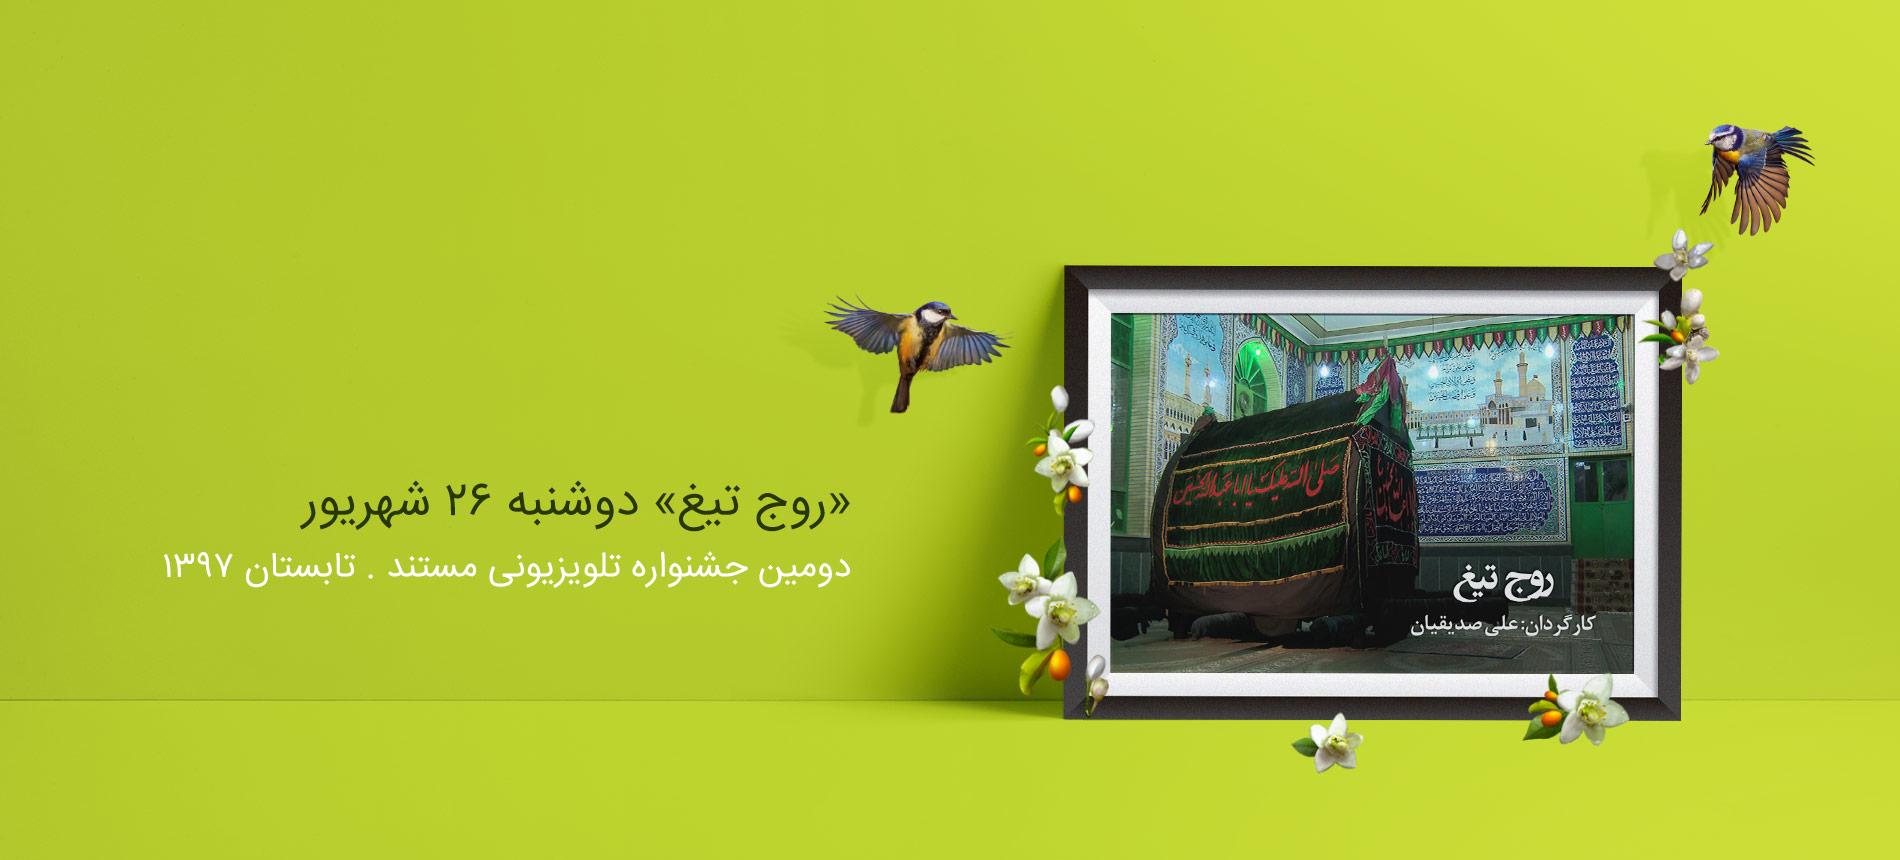 نخل گردانی در «روج تیغ» به روایت «علی صدیقیان»